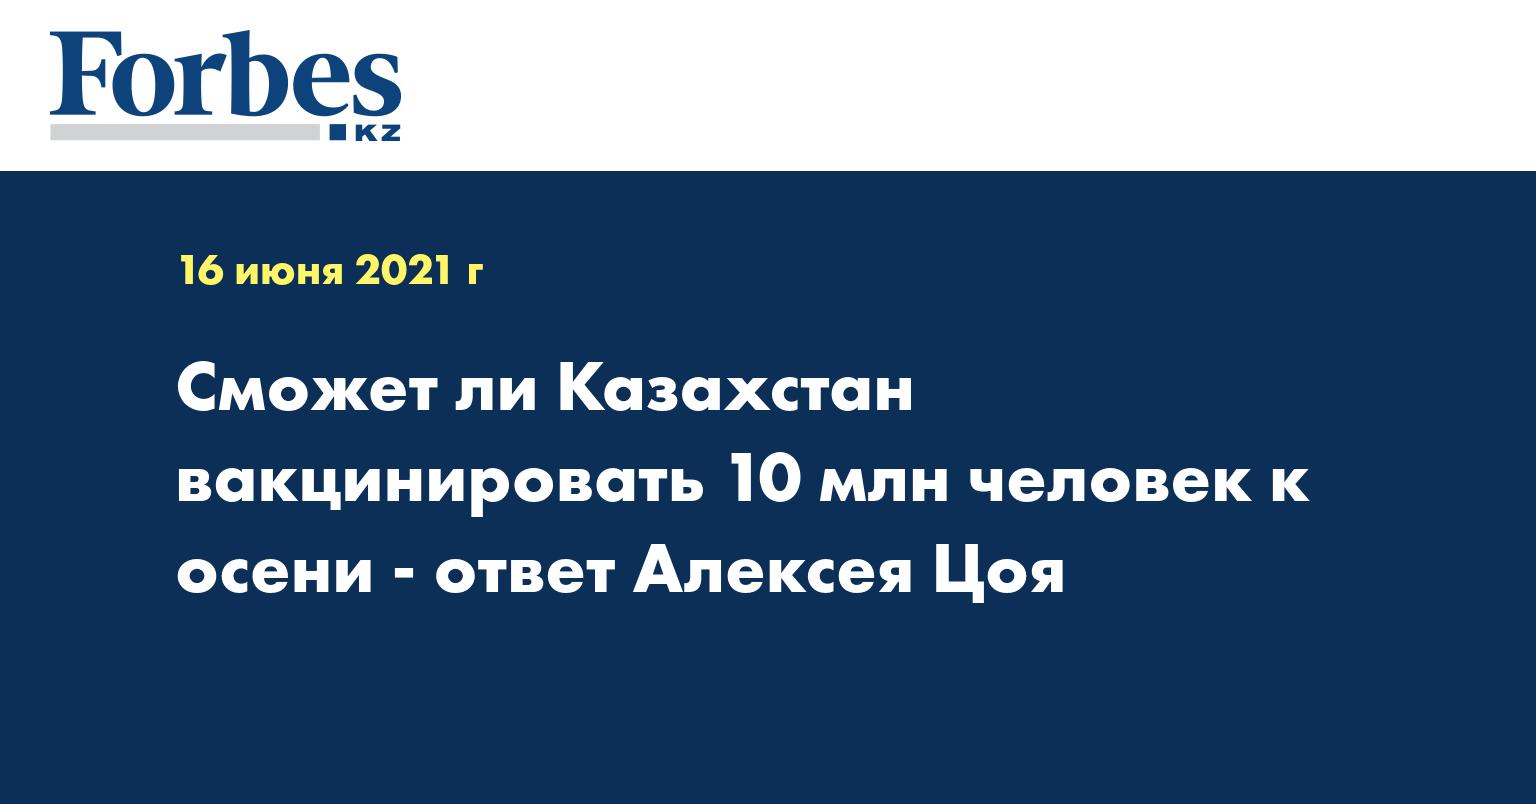 Сможет ли Казахстан вакцинировать 10 млн человек к осени - ответ Алексея Цоя